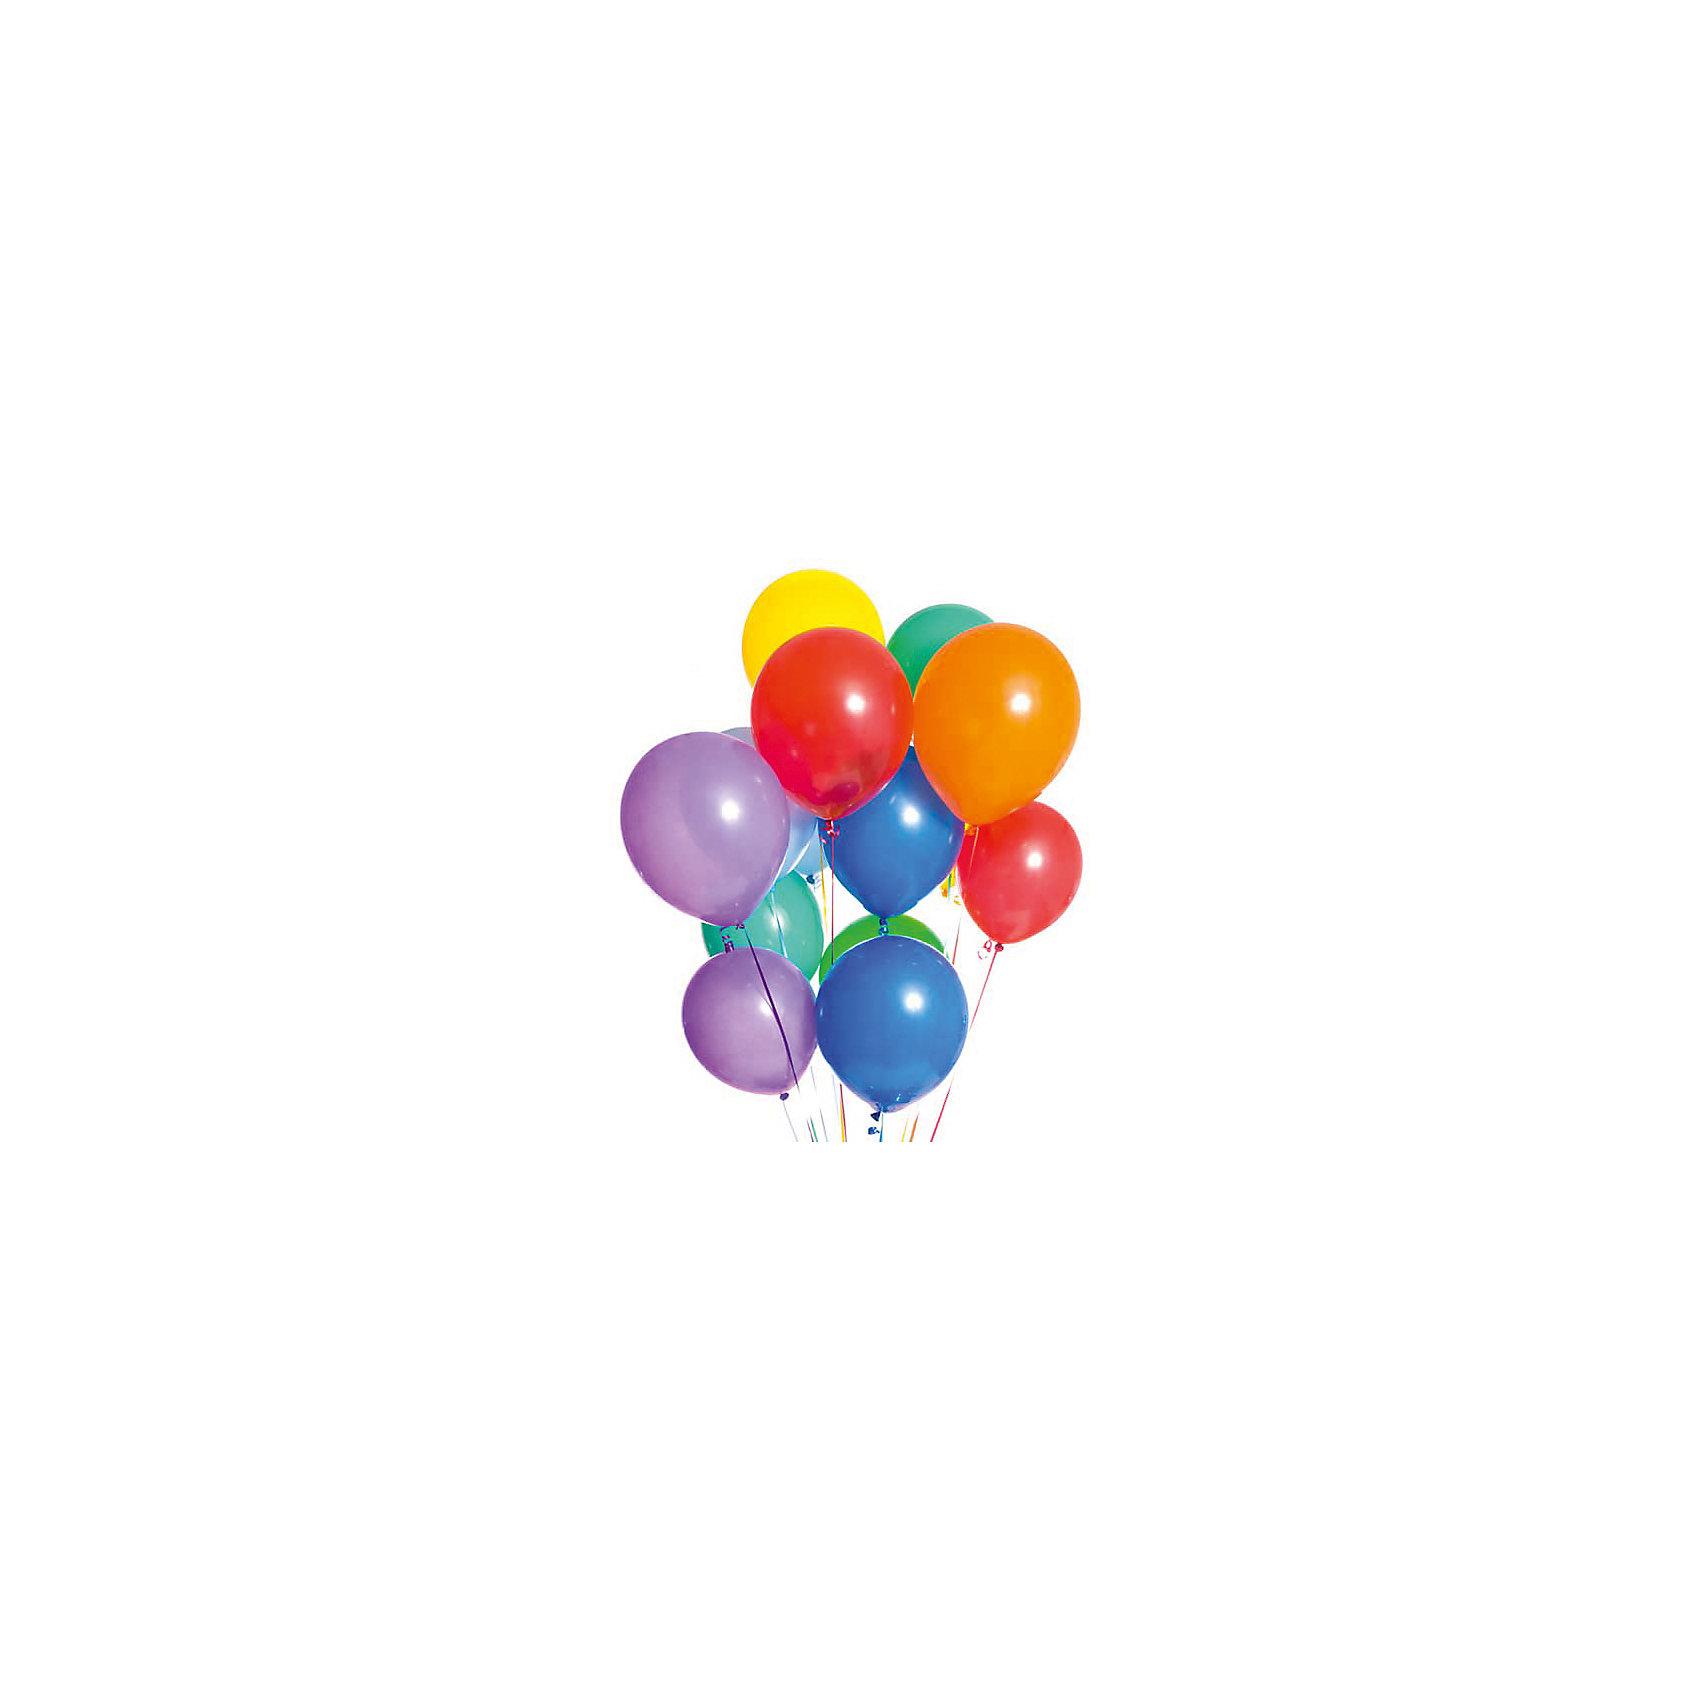 Воздушные шары, металлизированные, 30 см, 20 штВсё для праздника<br>Латексные воздушные шары. Цвет металлик - ассорти. Размер - 30 см, в упаковке 20 штук<br><br>Ширина мм: 180<br>Глубина мм: 130<br>Высота мм: 40<br>Вес г: 76<br>Возраст от месяцев: 36<br>Возраст до месяцев: 168<br>Пол: Унисекс<br>Возраст: Детский<br>SKU: 6860590